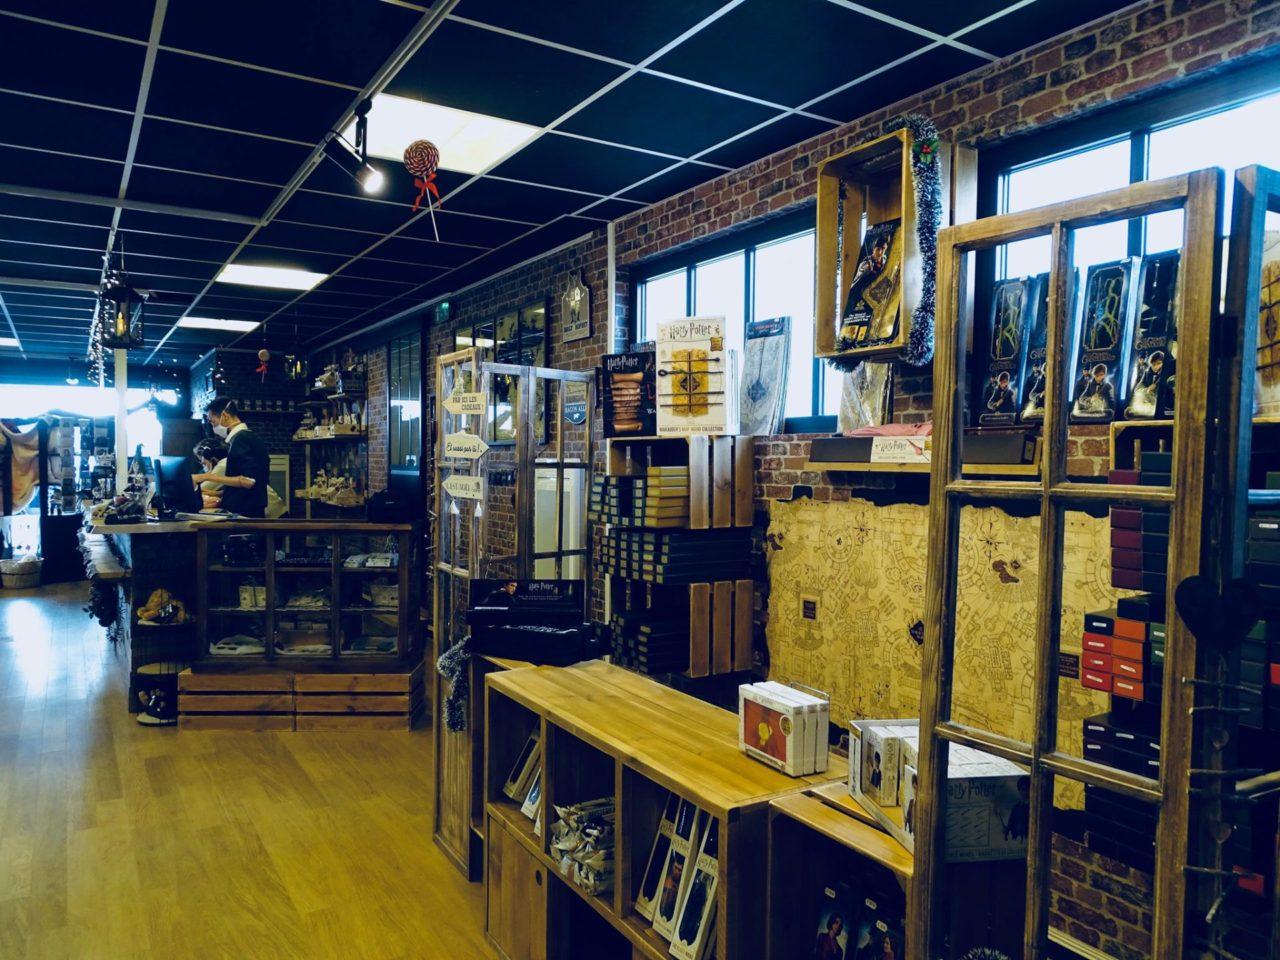 Au comptoir des sorciers - Hillion (22)